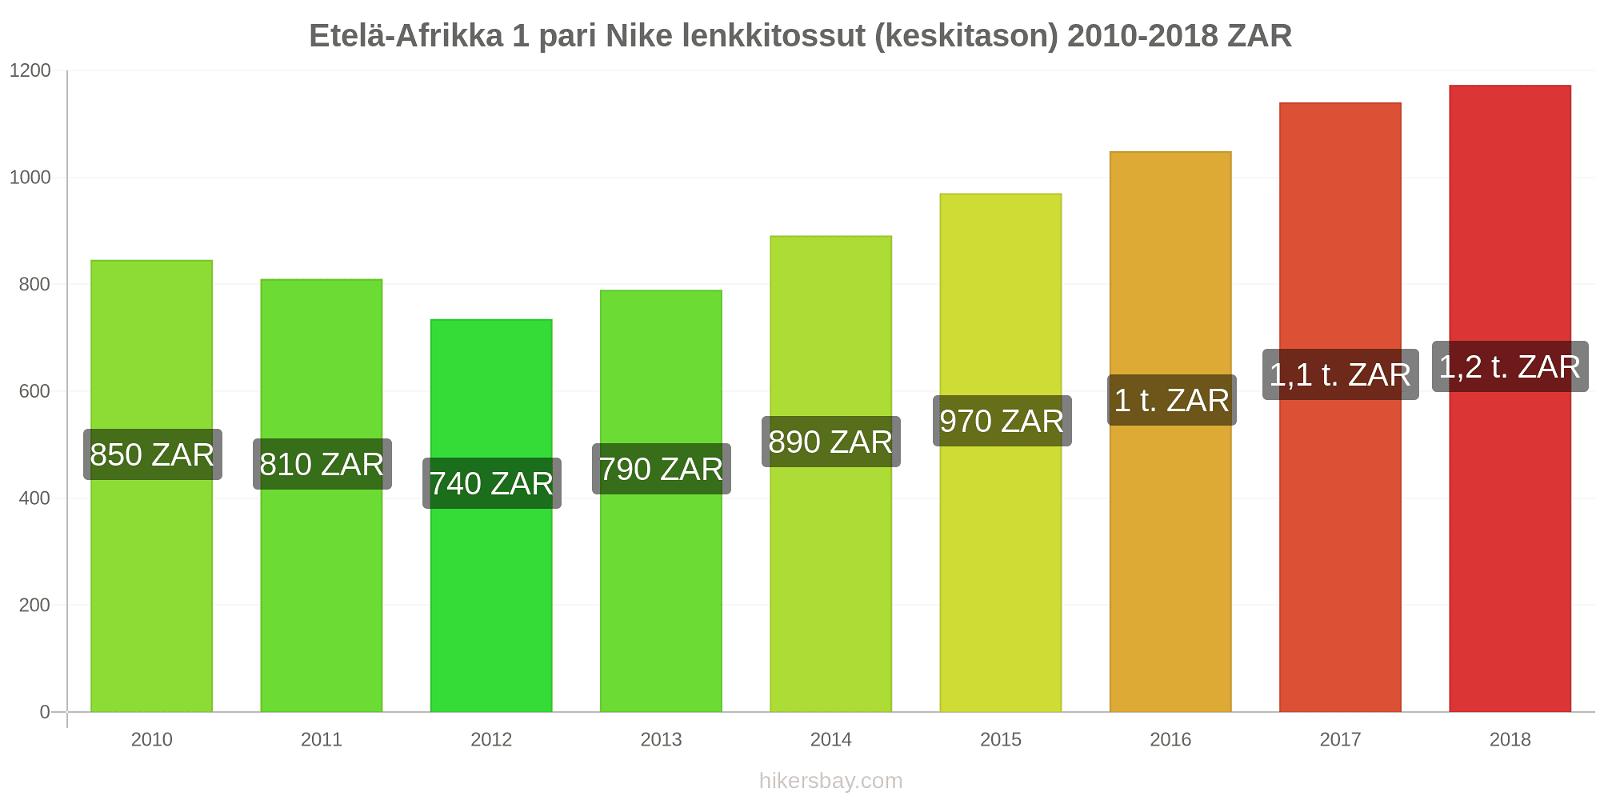 Etelä-Afrikka hintojen muutokset 1 pari Nike lenkkitossut (keskitason) hikersbay.com